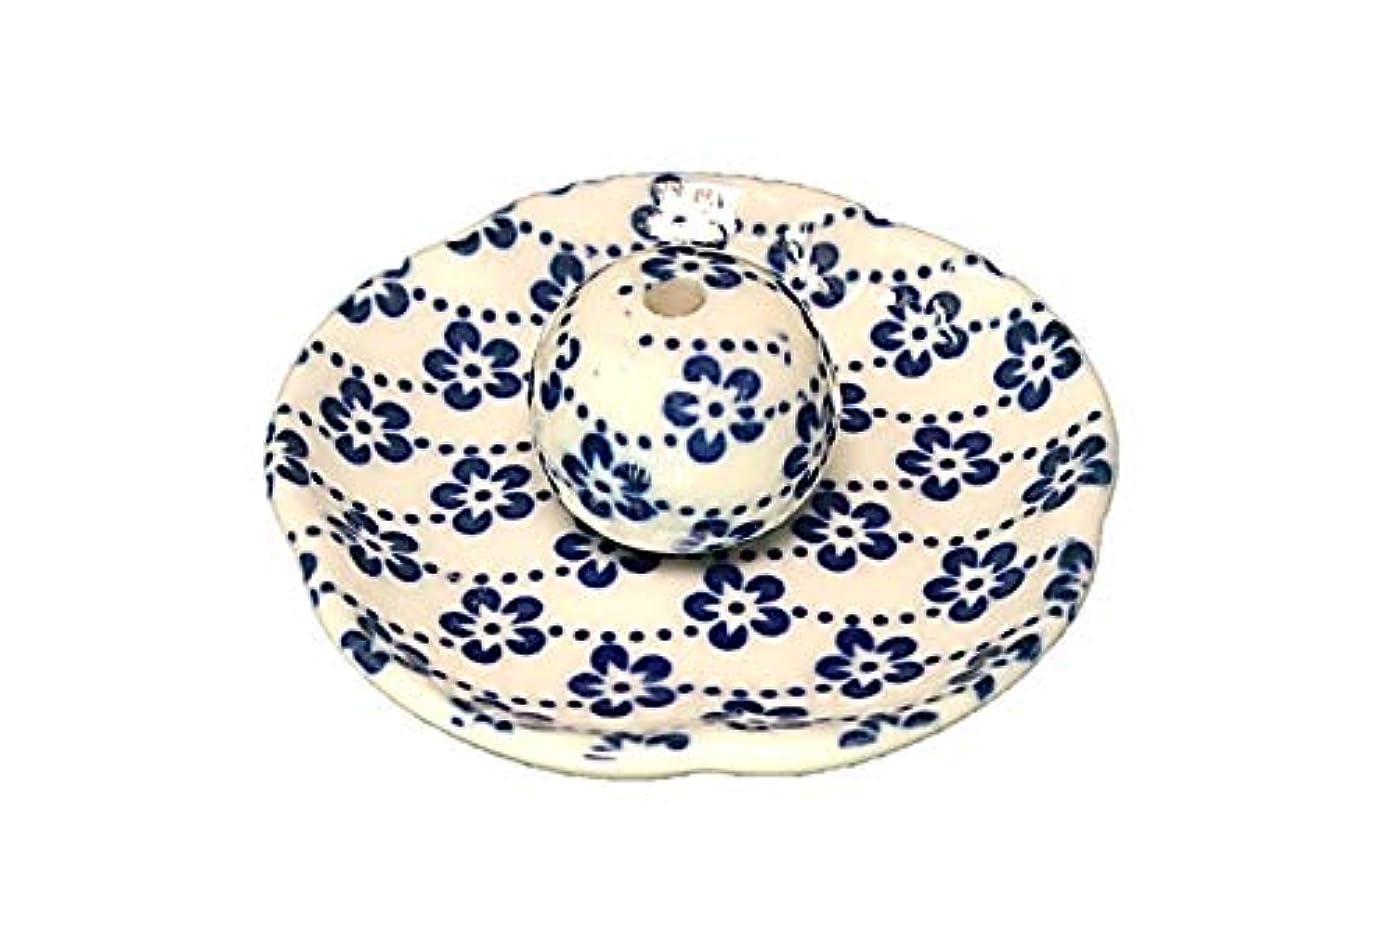 音楽を聴くしてはいけない既婚梅花 花形香皿 お香立て お香たて 日本製 ACSWEBSHOPオリジナル